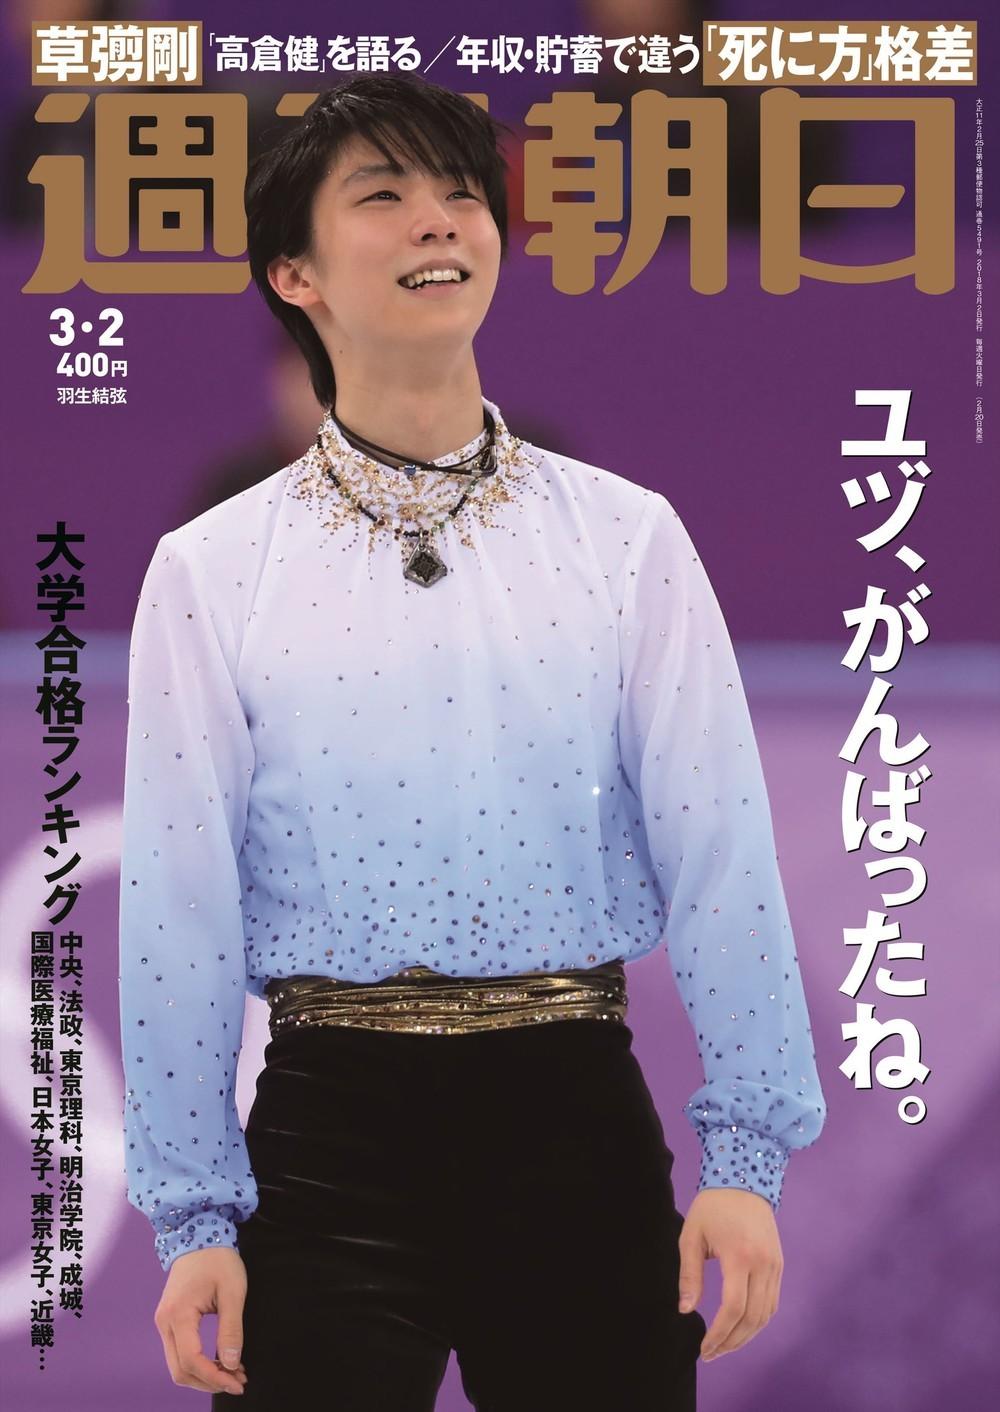 週刊朝日表紙「ユヅ、がんばったね。」は「上から目線」? 「新潮」が噛みつくも記録的完売